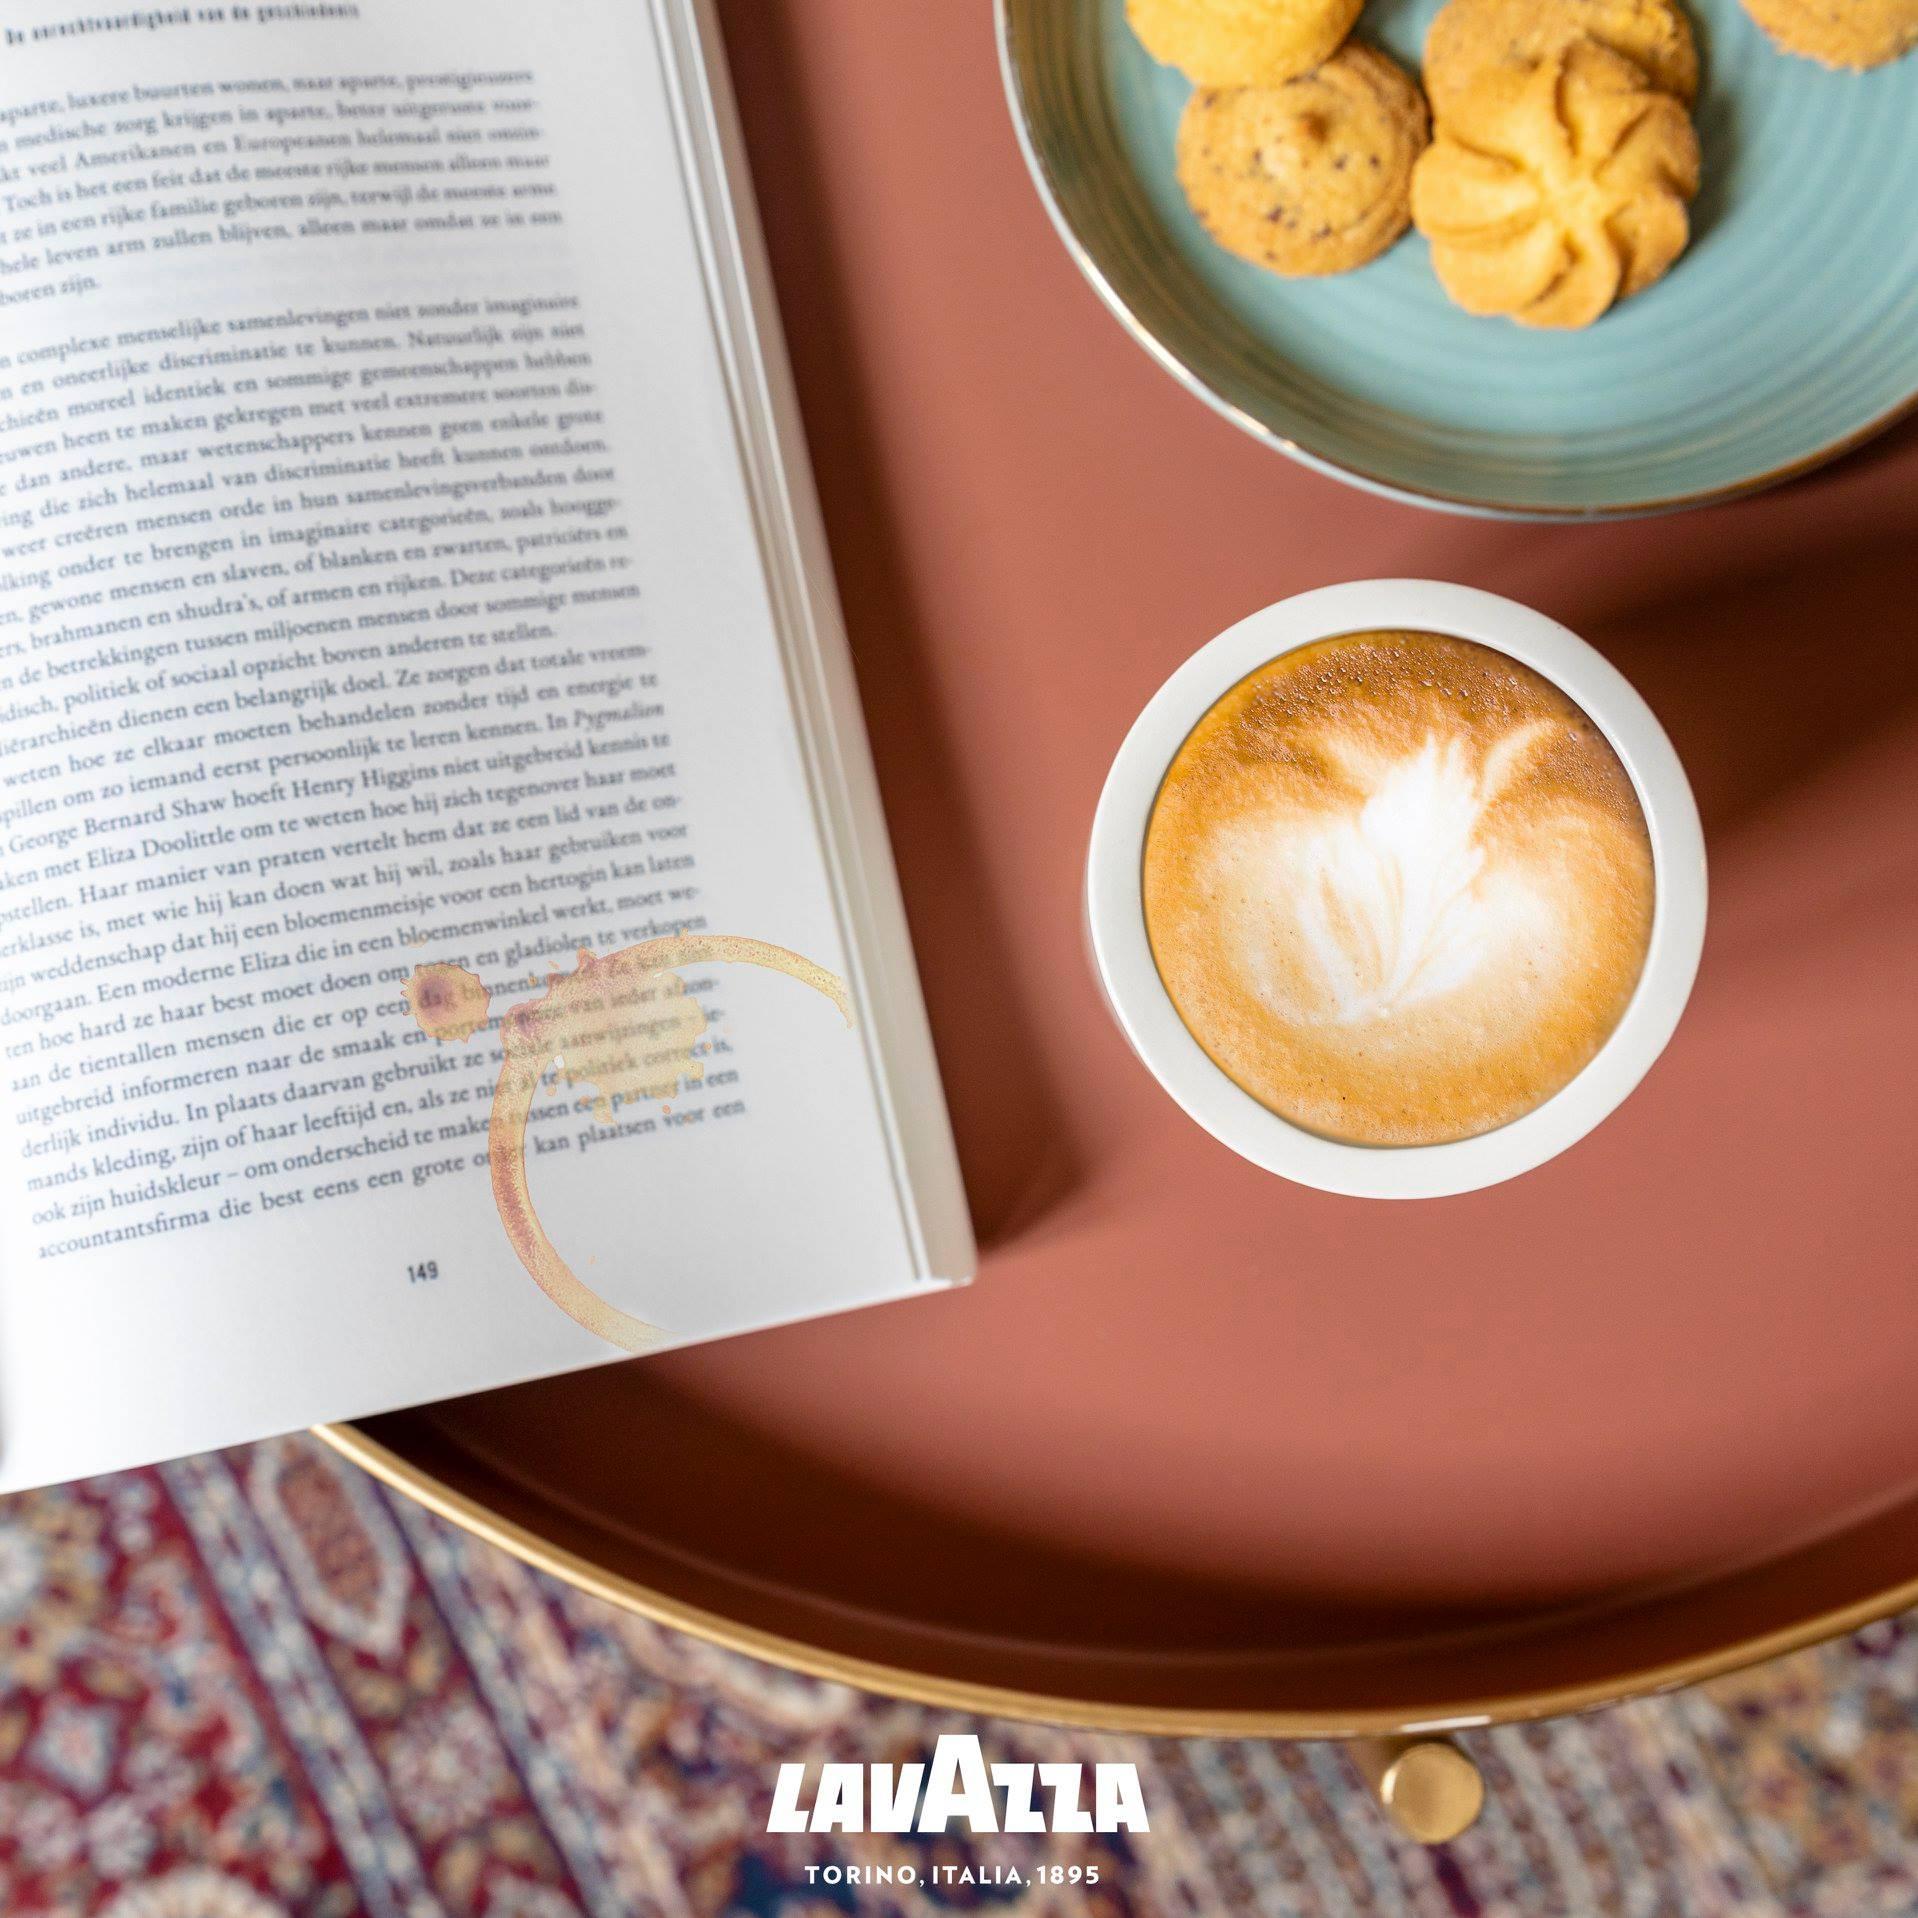 Lavazza koffie shoot met koffie en een boek om tijd voor jezelf te nemen.